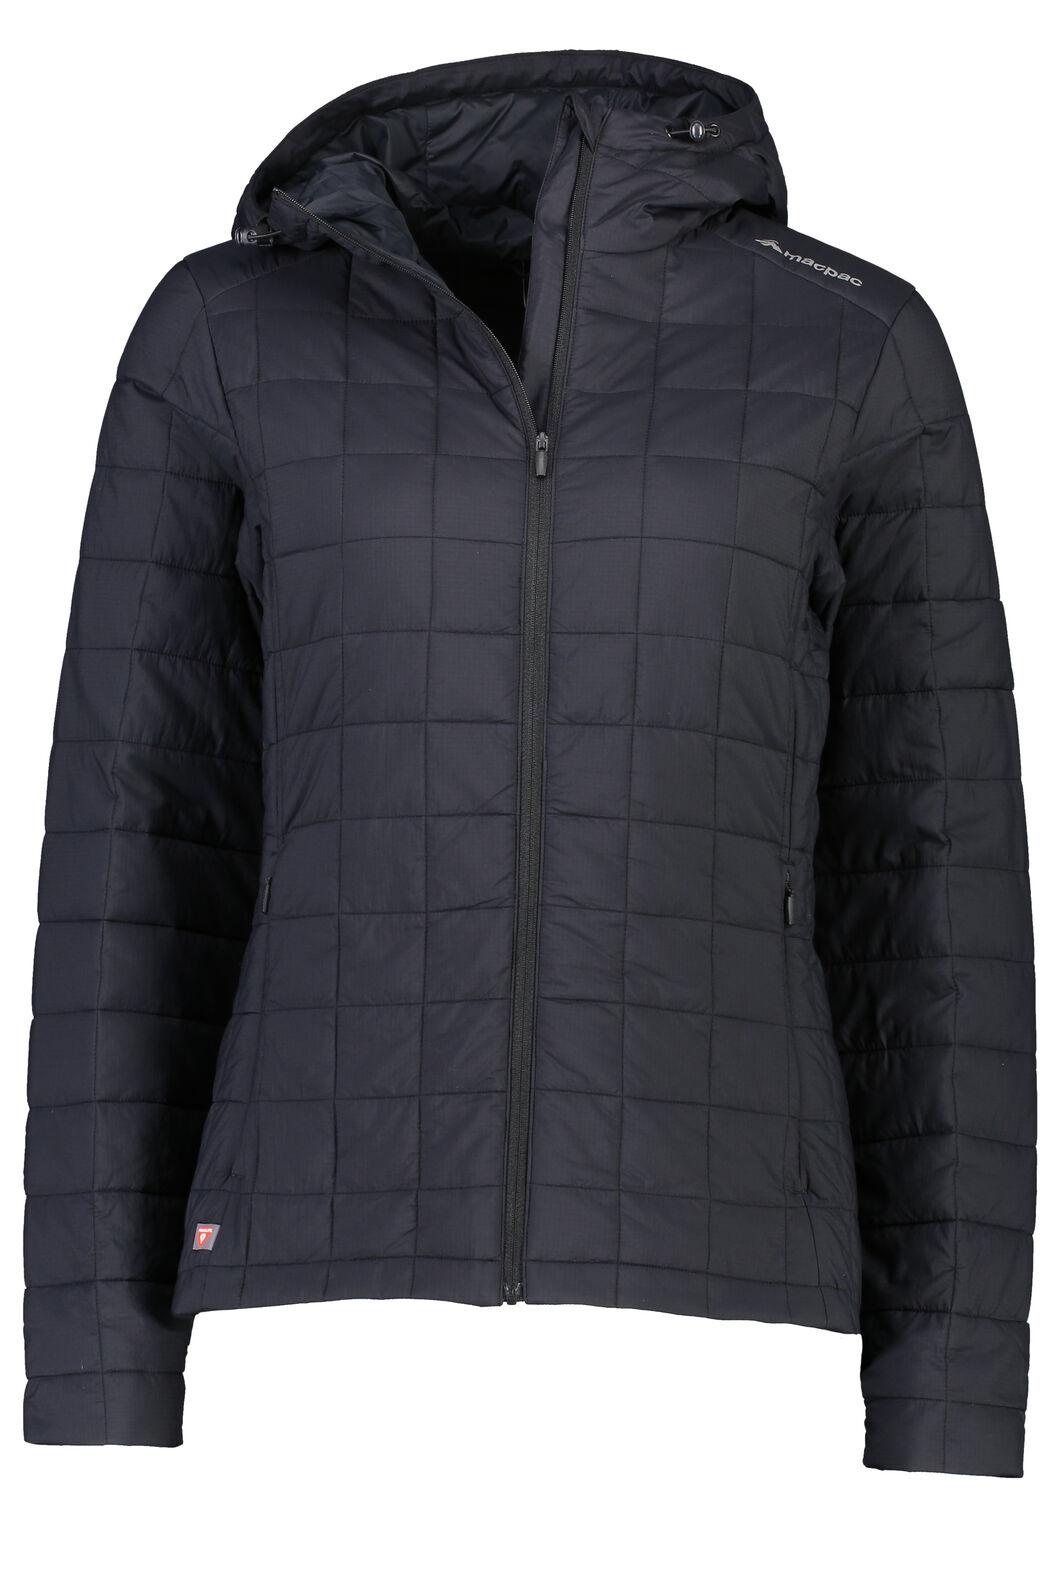 Macpac ETA PrimaLoft® Jacket - Women's, Black, hi-res